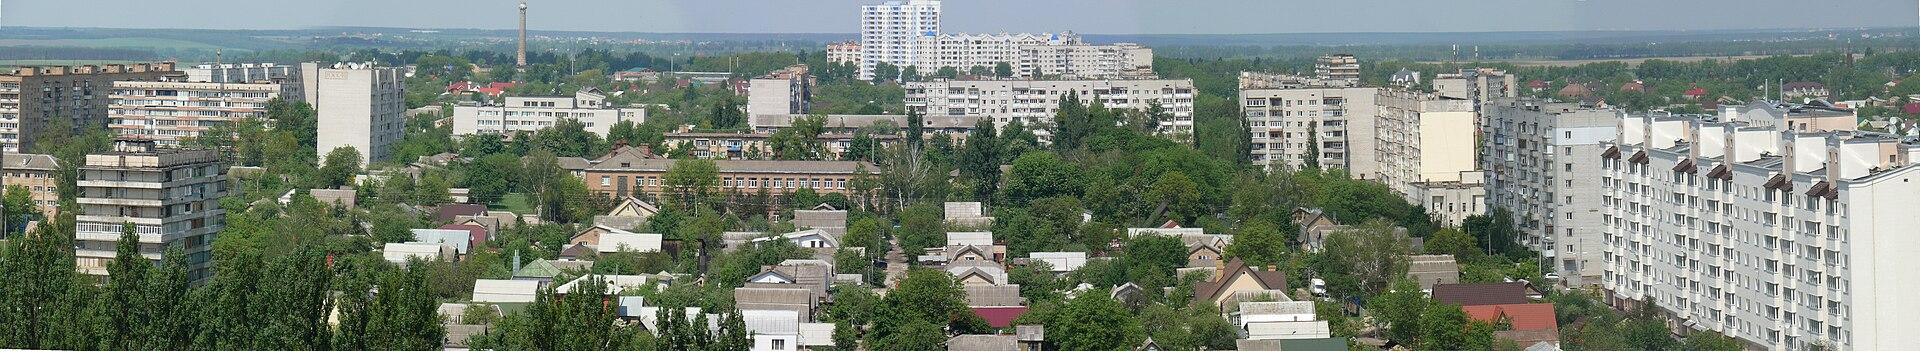 Боярка. Заводской микрорайон